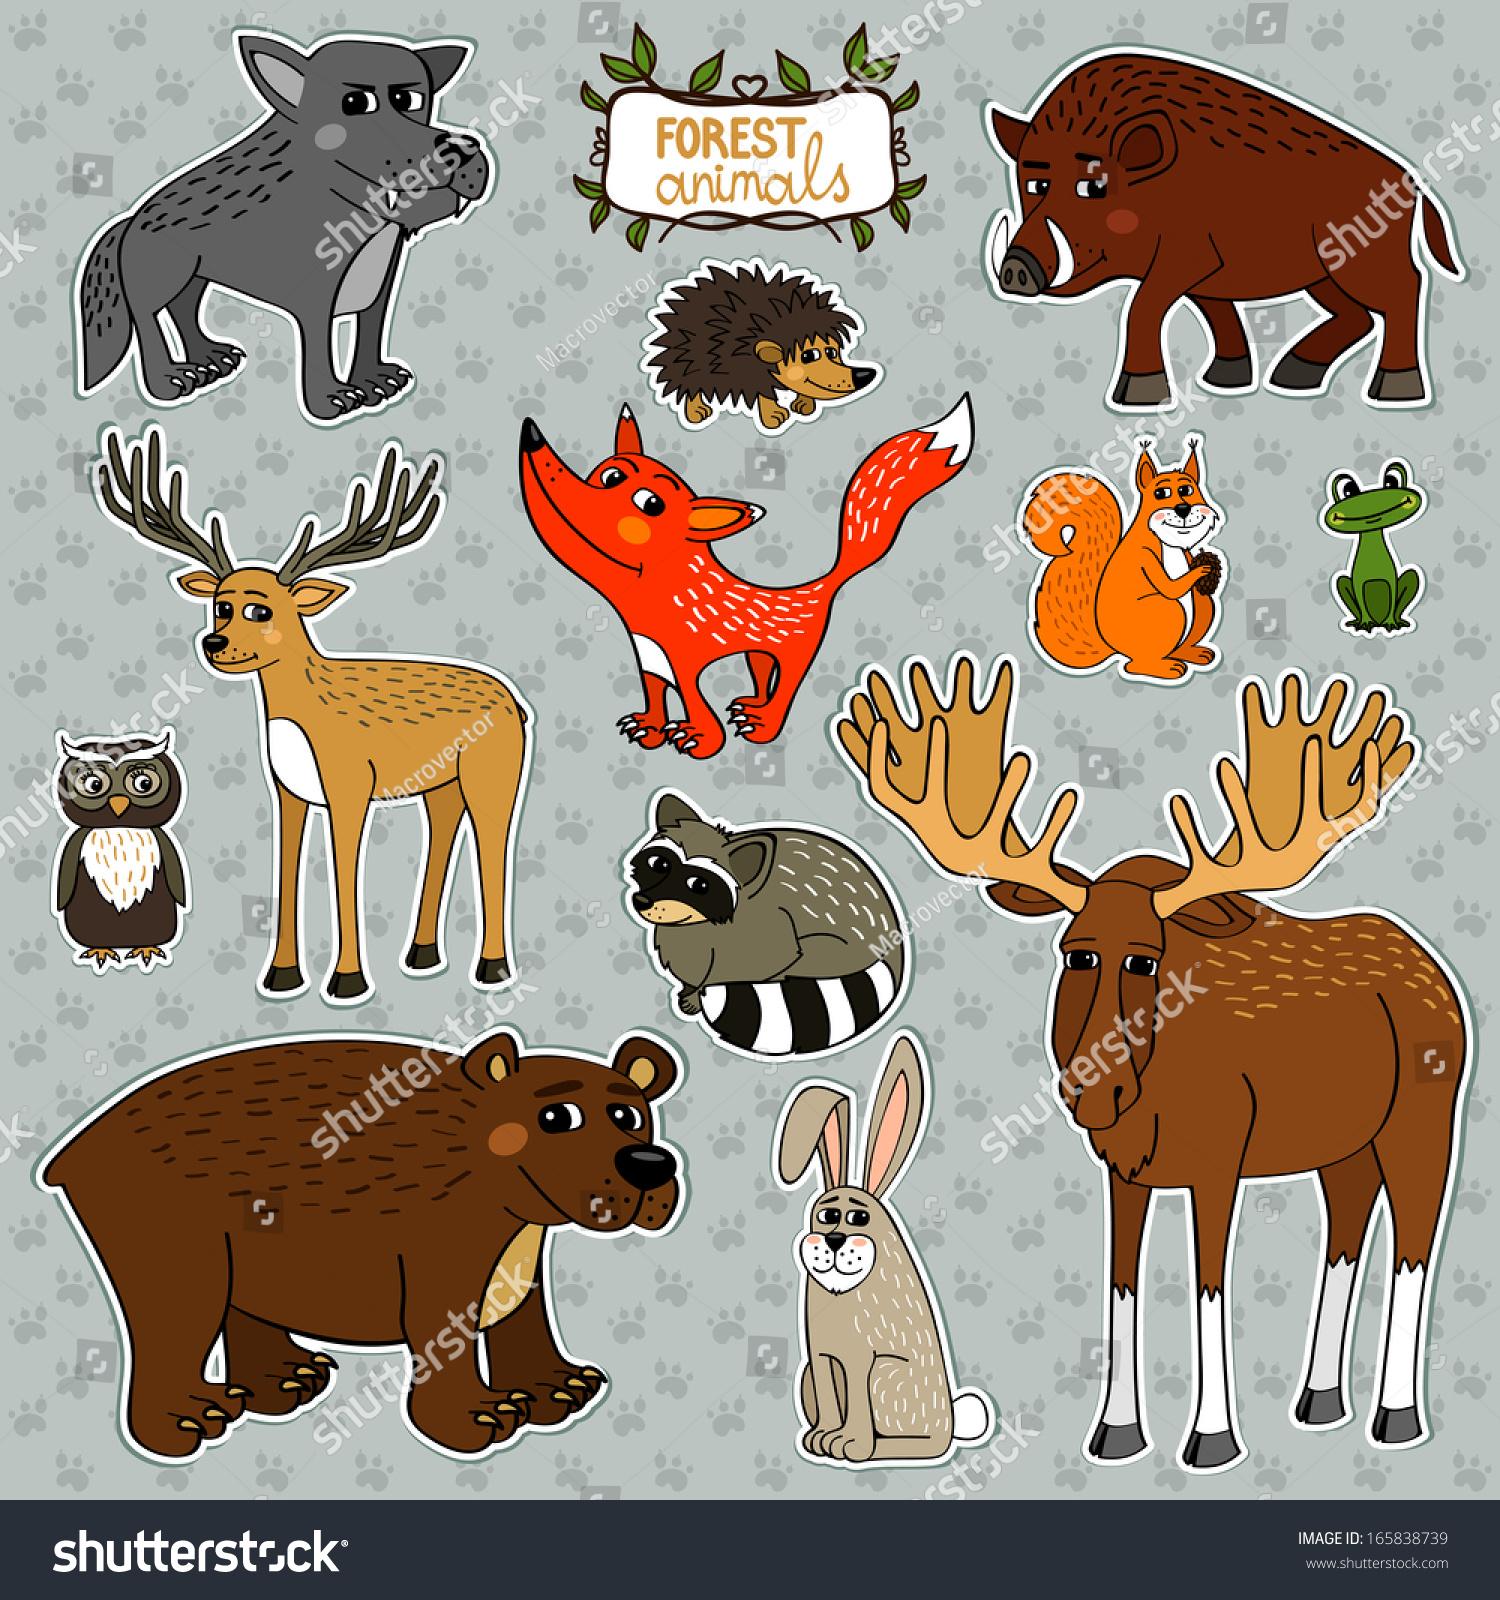 森林动物猫头鹰鹿福克斯设置说明-动物/野生生物,符号